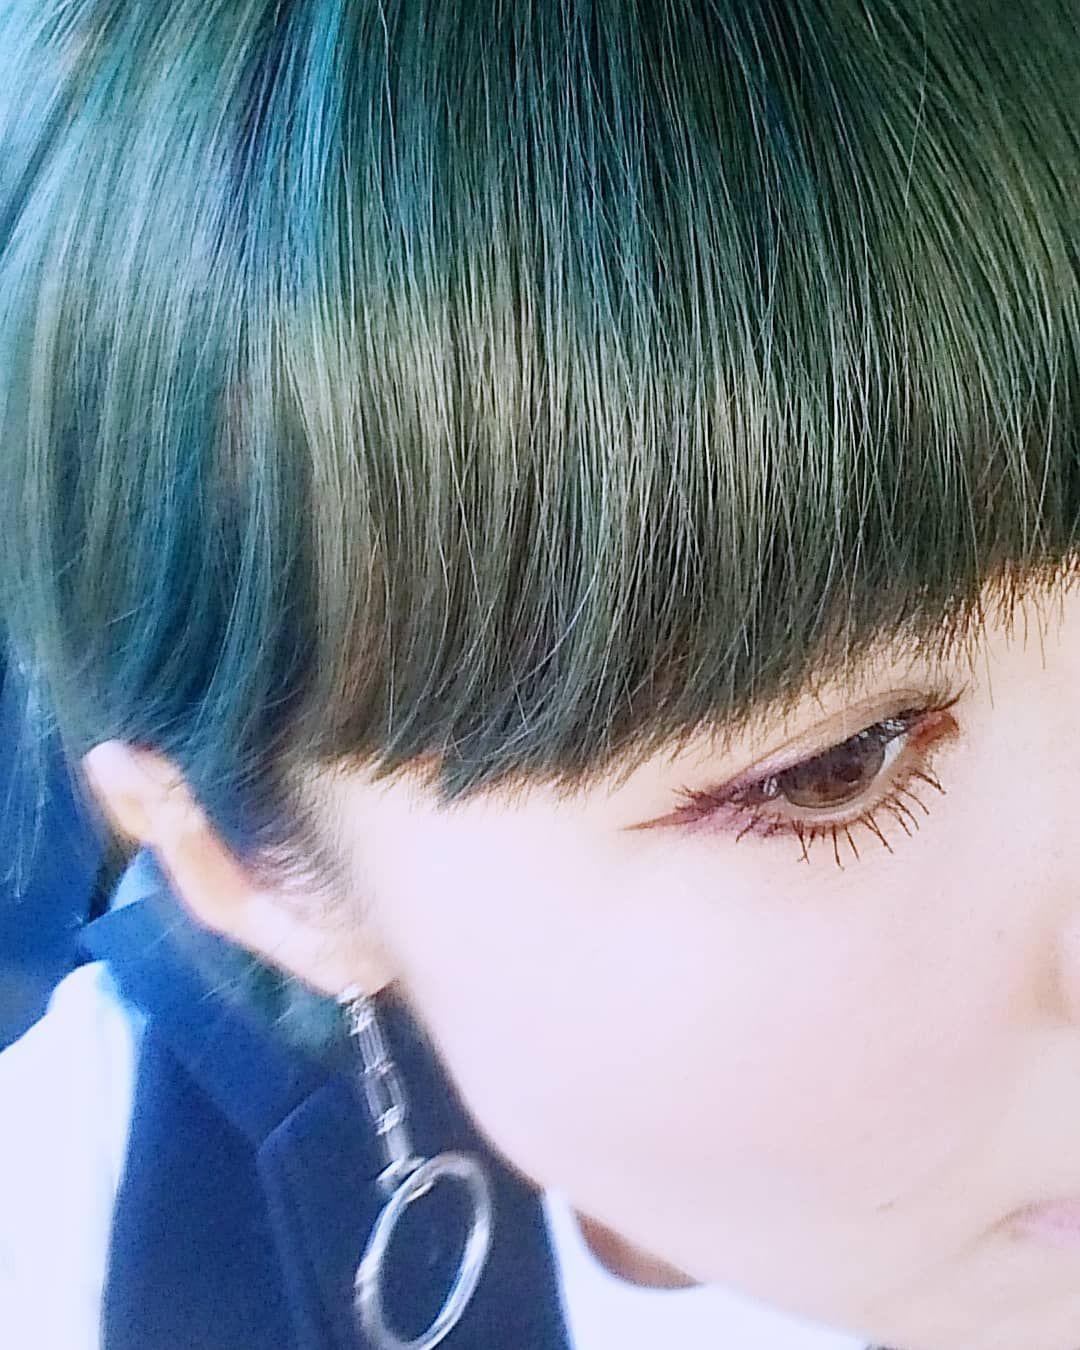 Hair Color ブルーからのムラシャンでブルーグリーンmixになってき